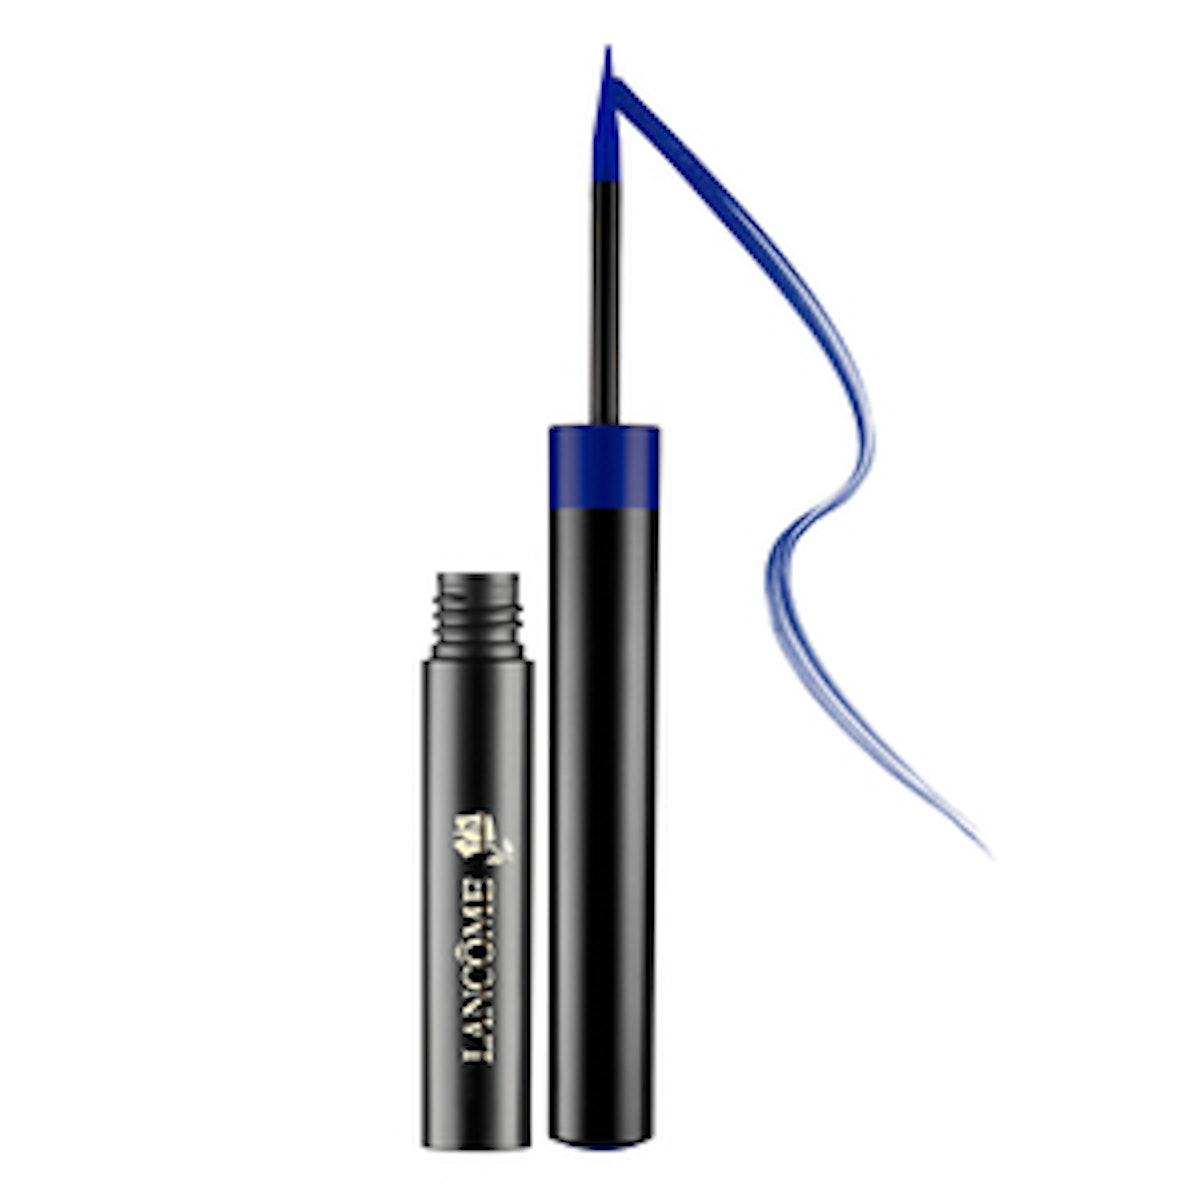 Artliner Color Precision Eyeliner